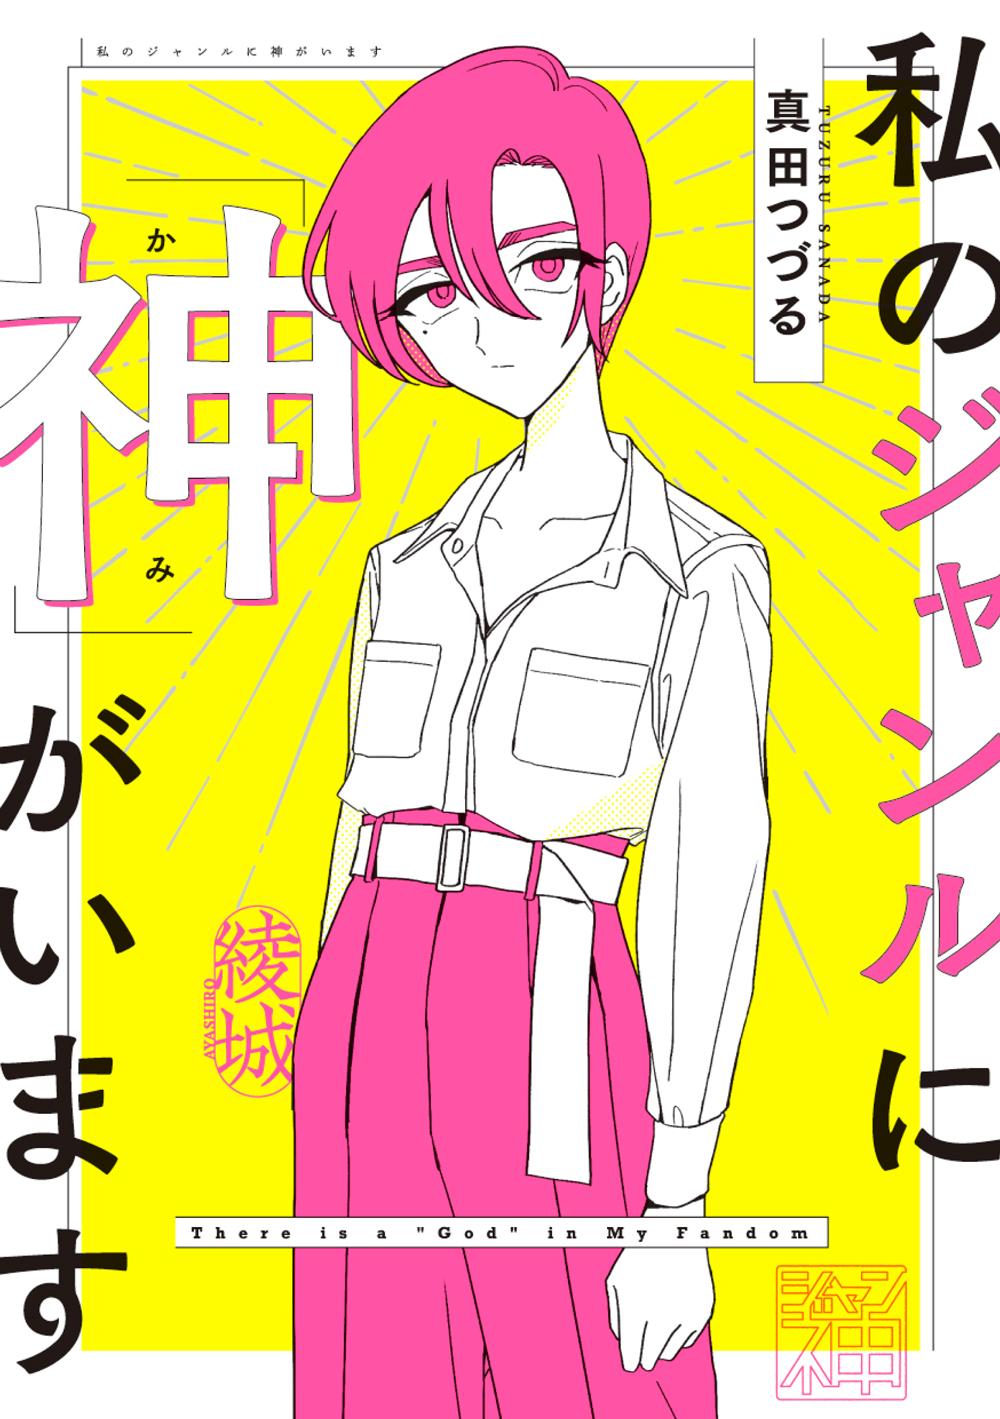 真田つづる 『私のジャンルに「神」がいます』出版記念『漫画のつくりかた』講座